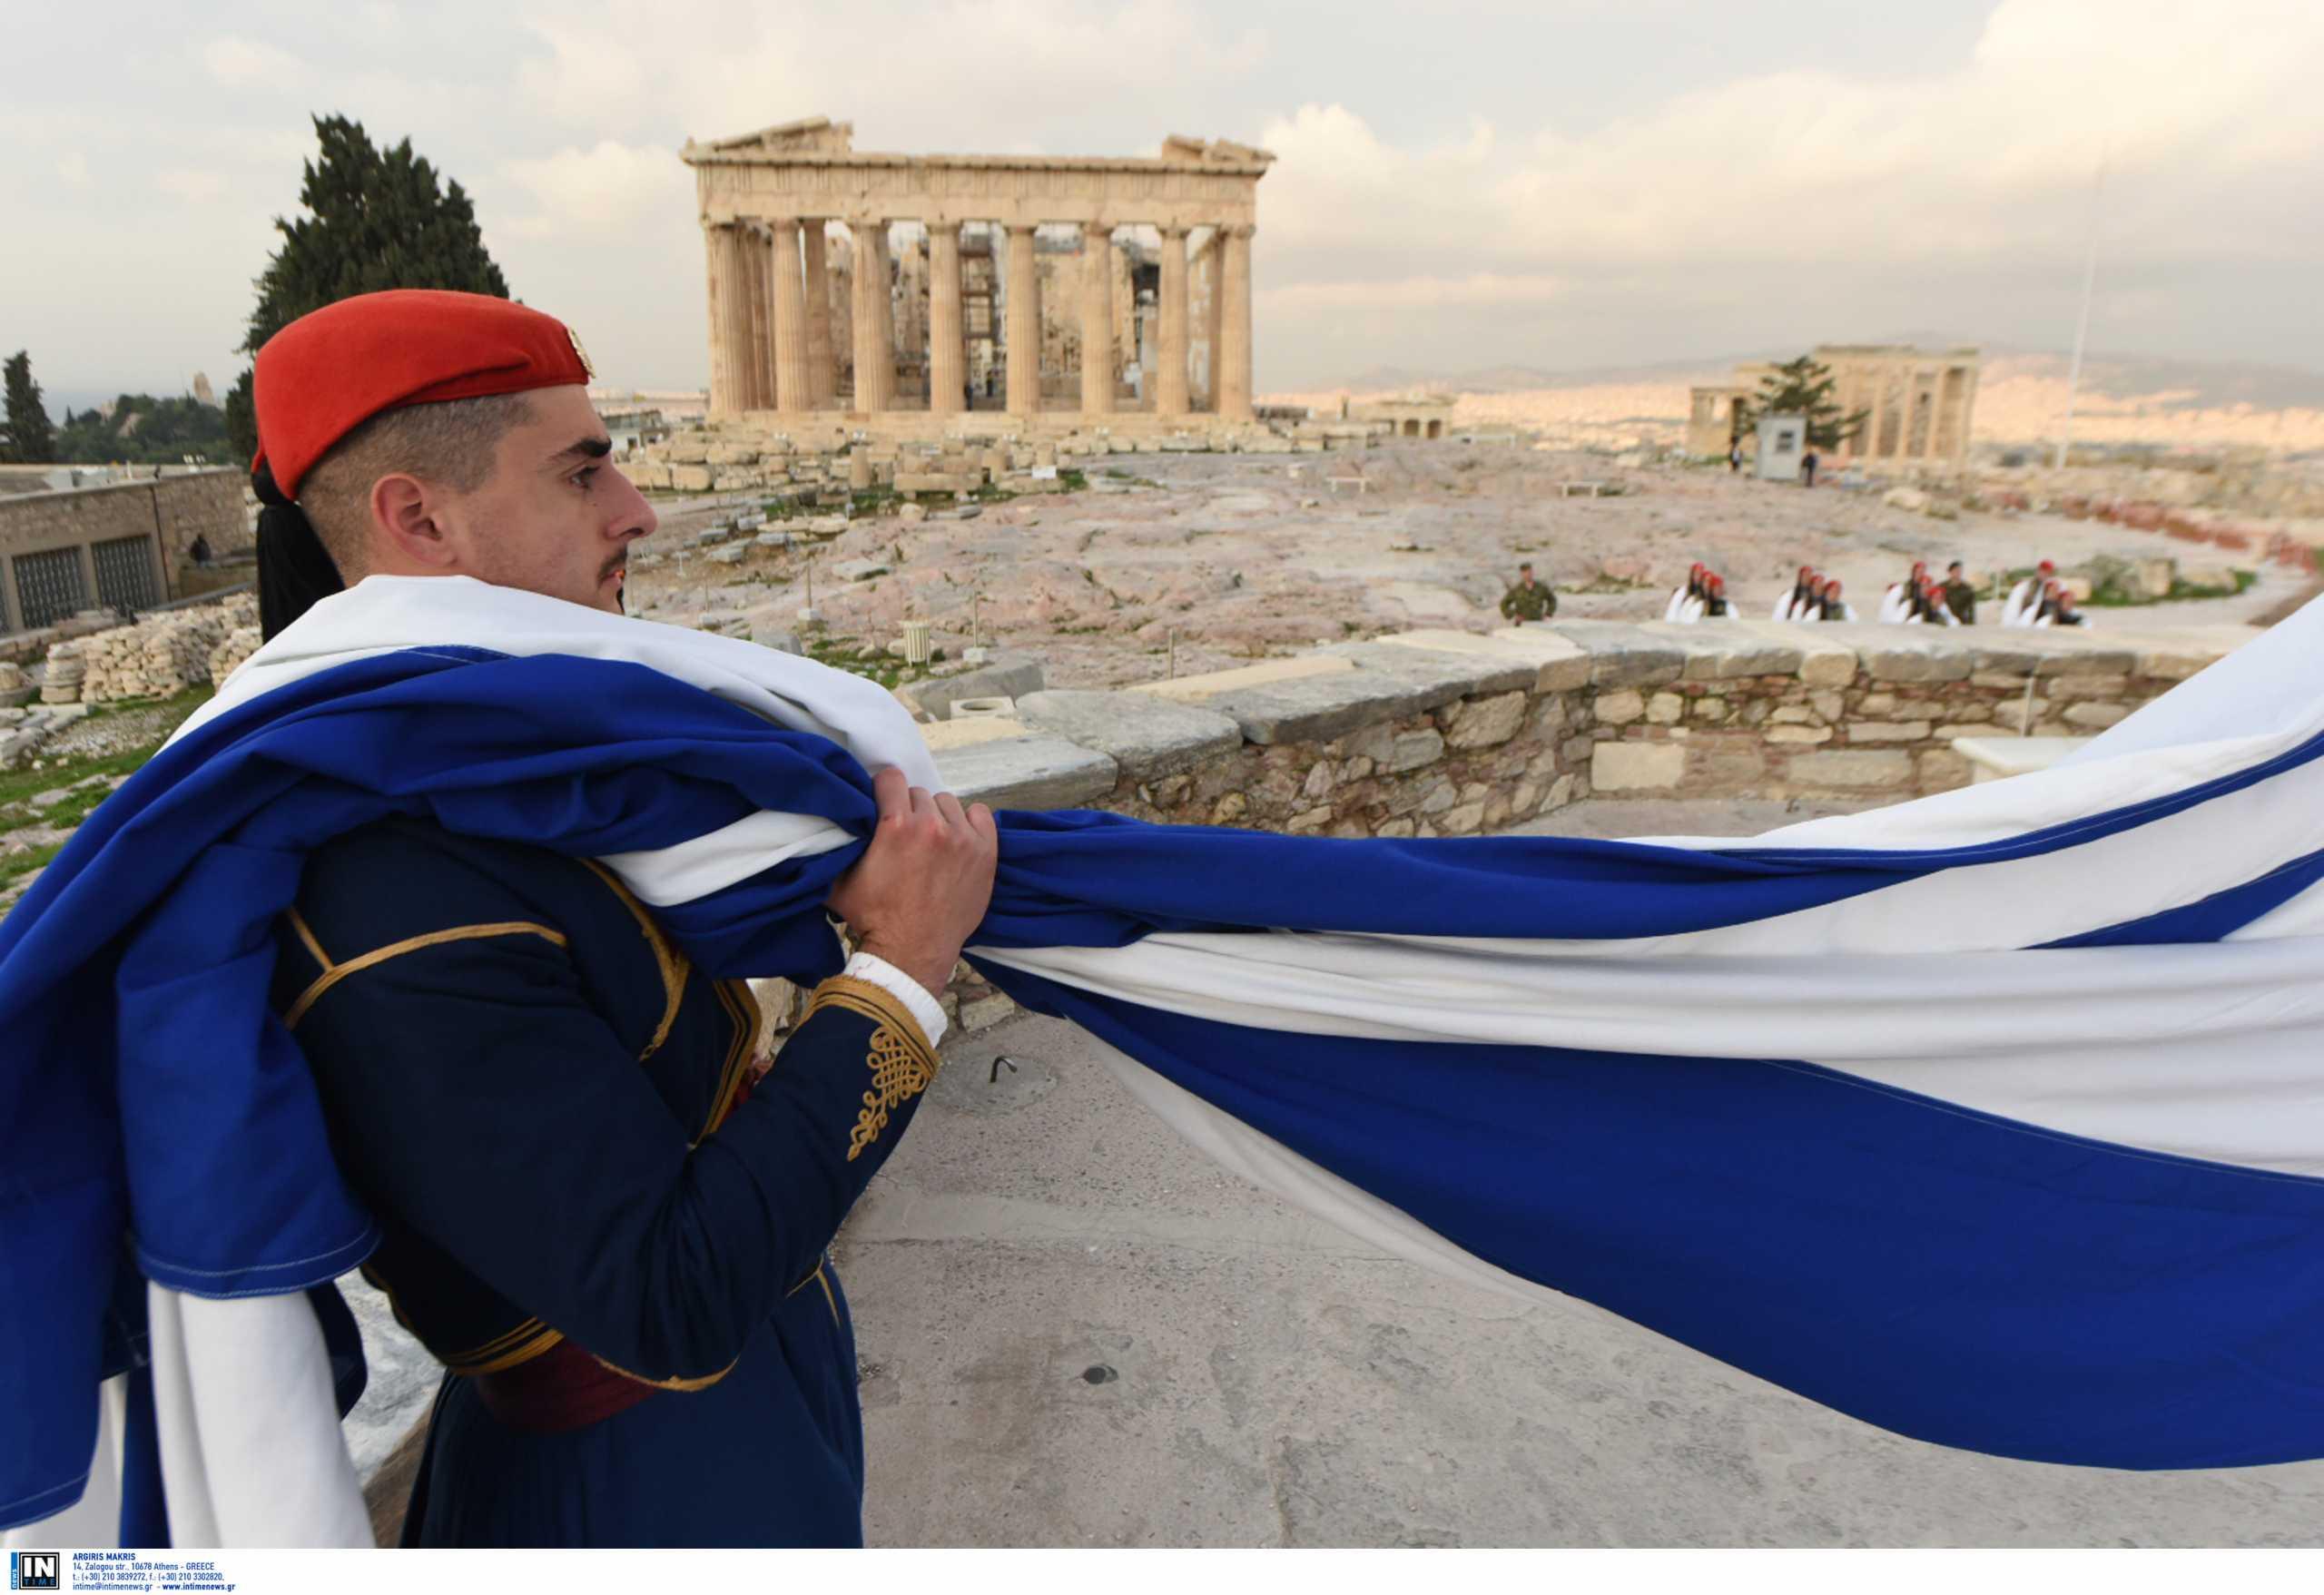 25η Μαρτίου: Στον Ιερό Βράχο της Ακρόπολης αύριο ο πρωθυπουργός για την έπαρση της σημαίας